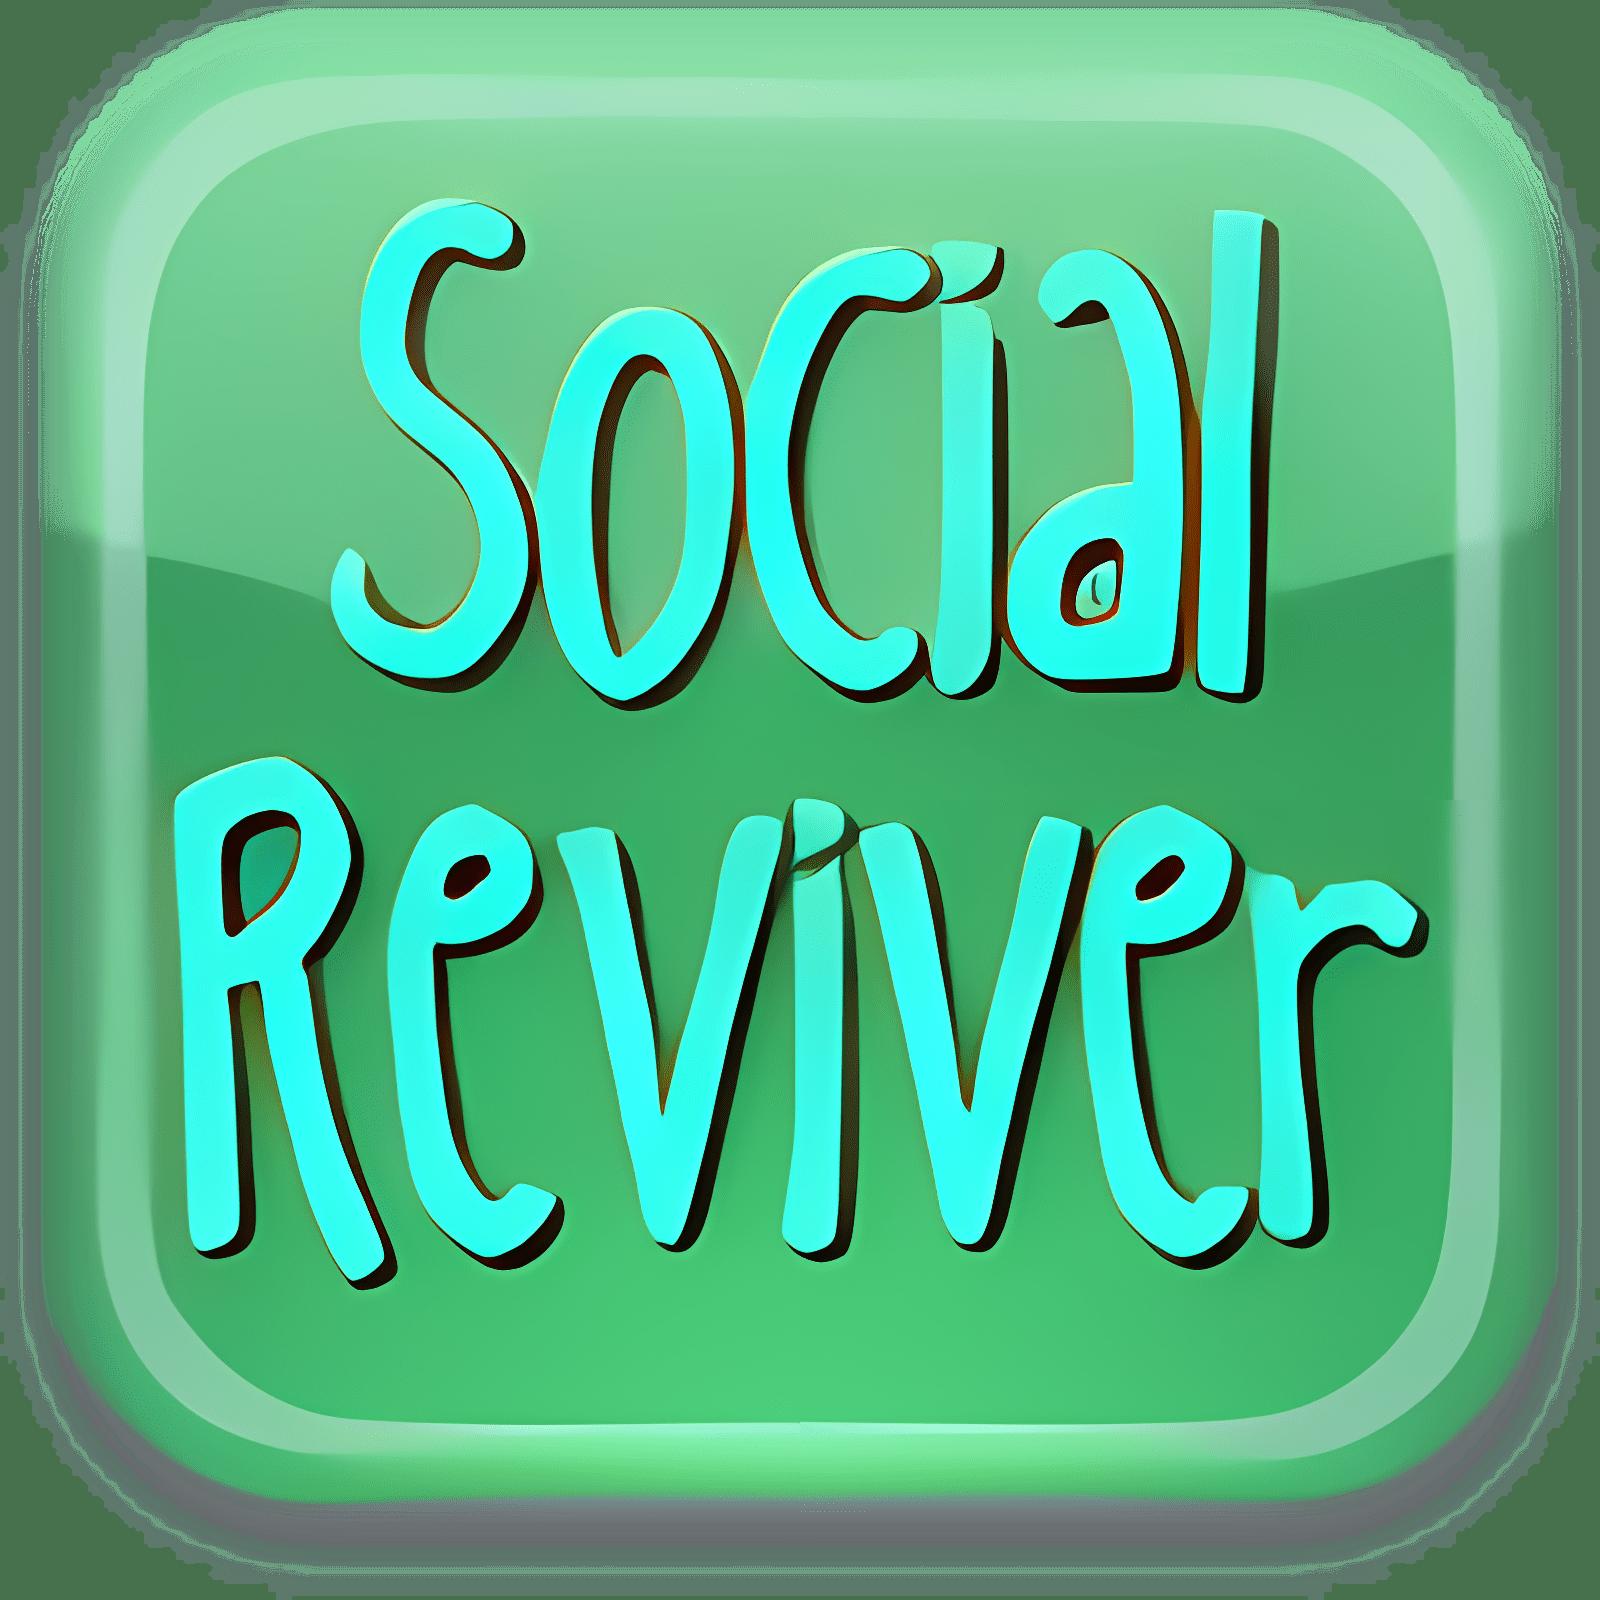 SocialReviver